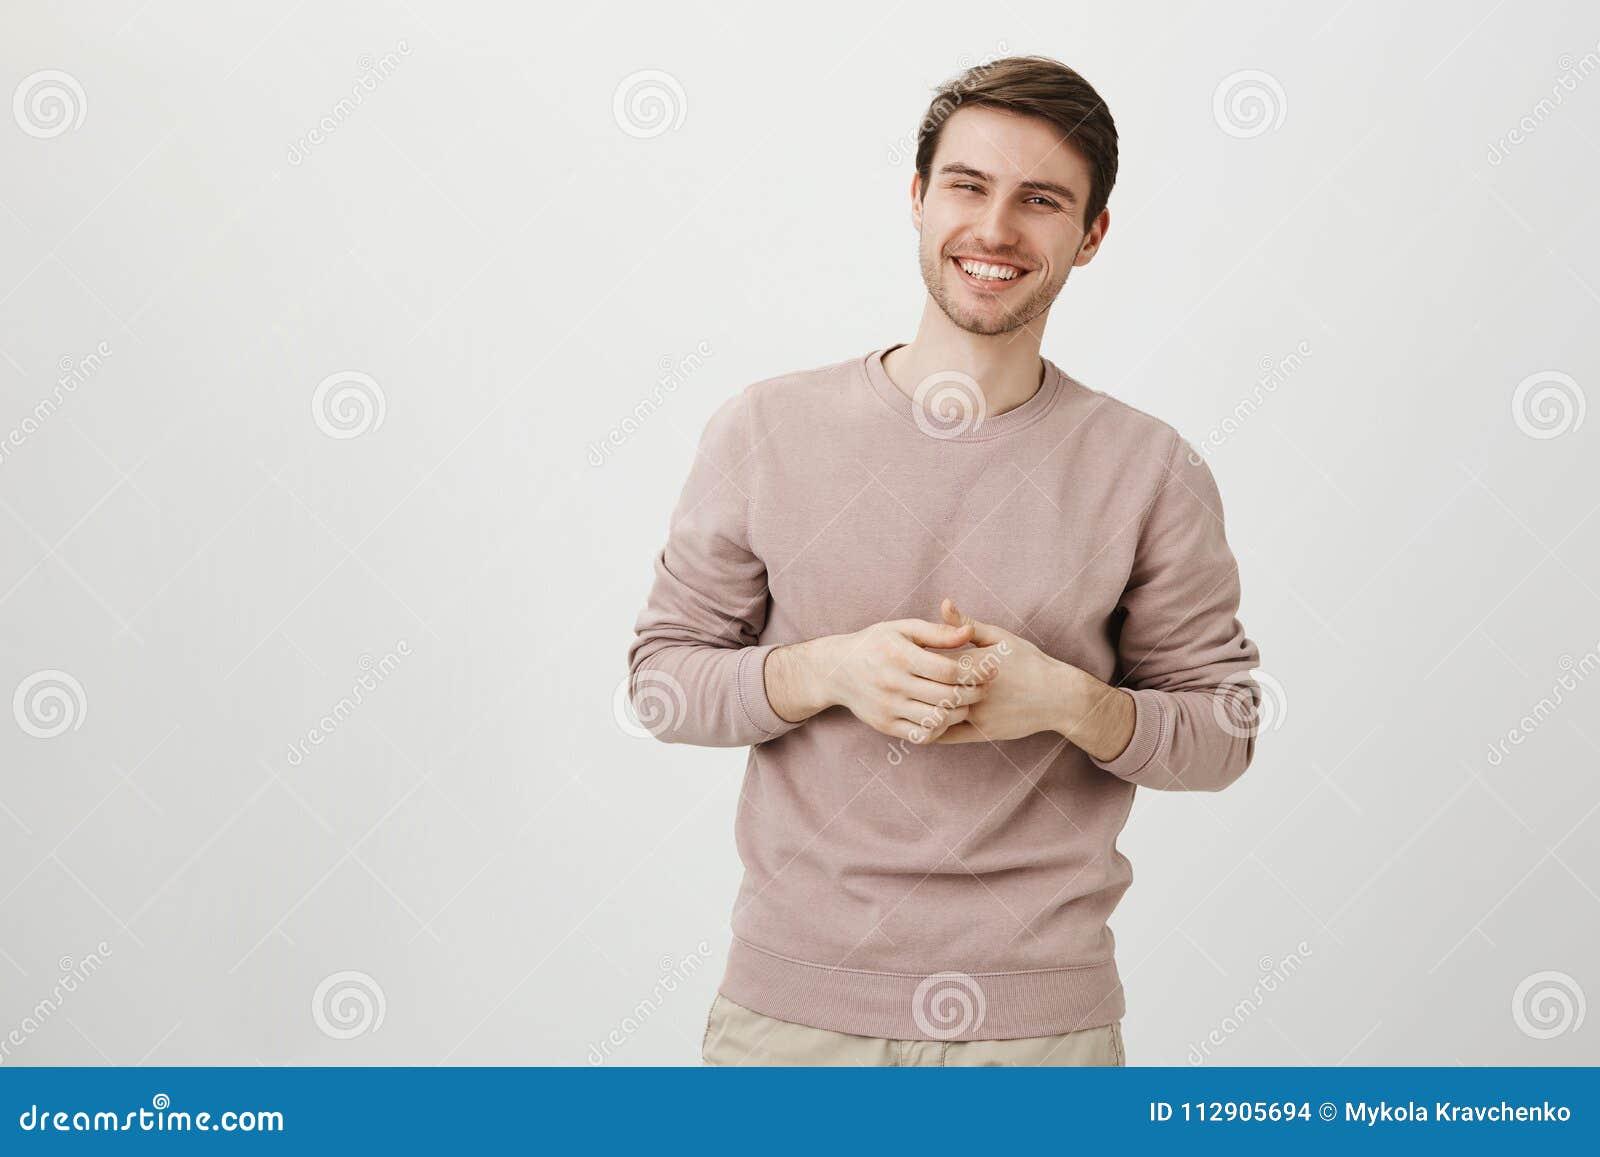 Το πορτρέτο του όμορφου αθλητικού αρσενικού με τη γοητεία της εκμετάλλευσης χαμόγελου δίνει κοντά στο στήθος, που στέκεται στην π